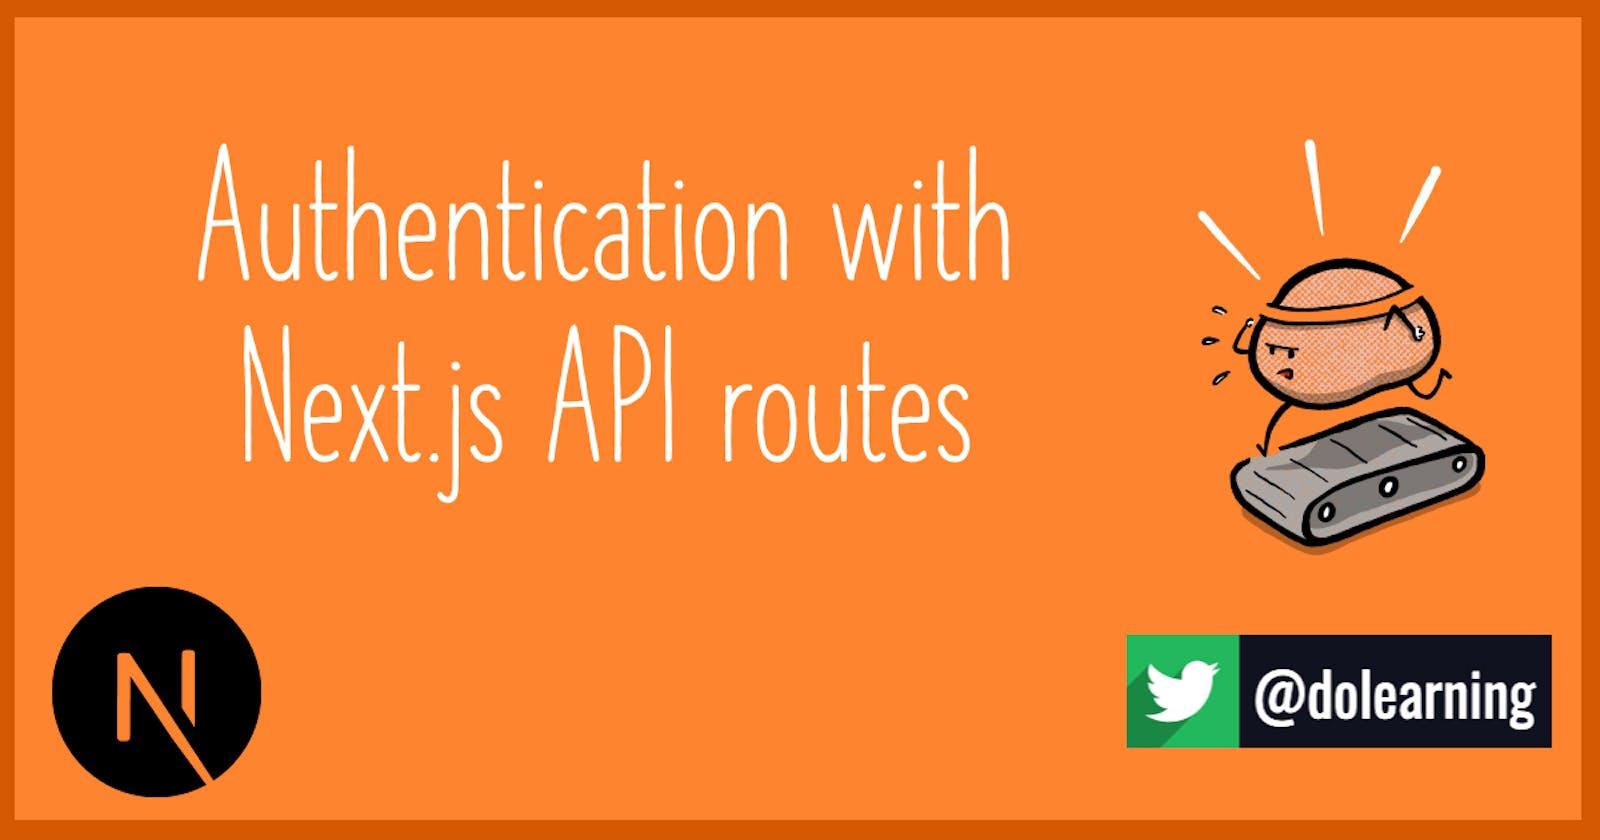 Authentication with Next.js API routes